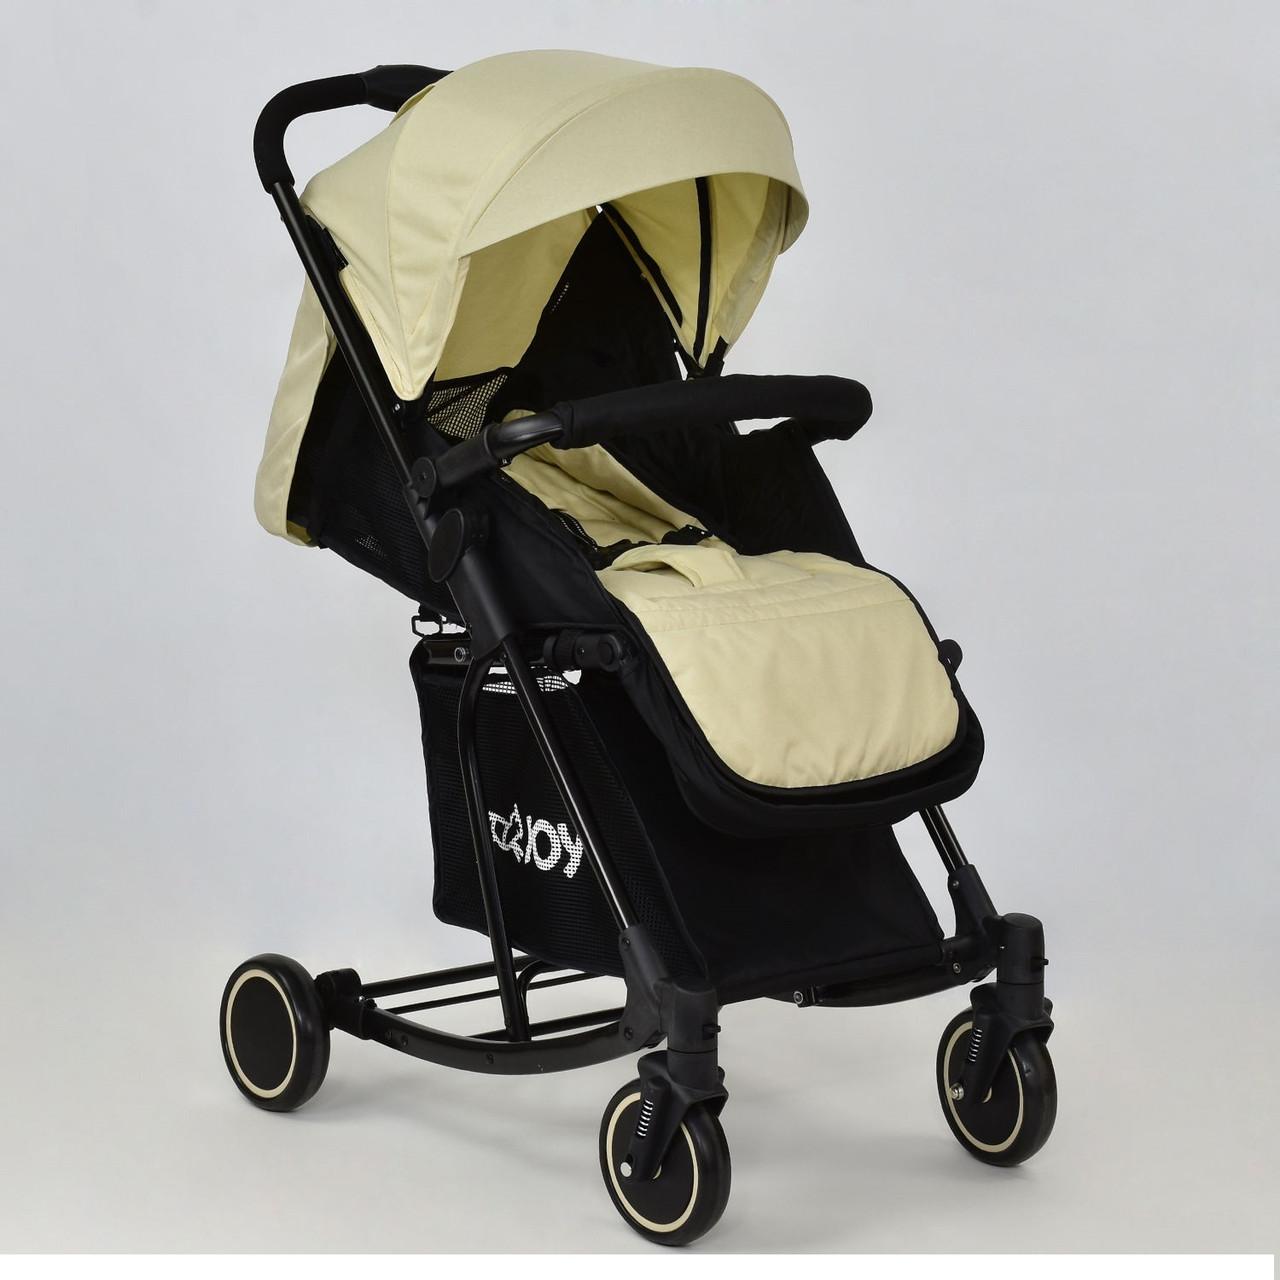 Дитяча коляска Т 609 JOY з функцією гойдання бежева